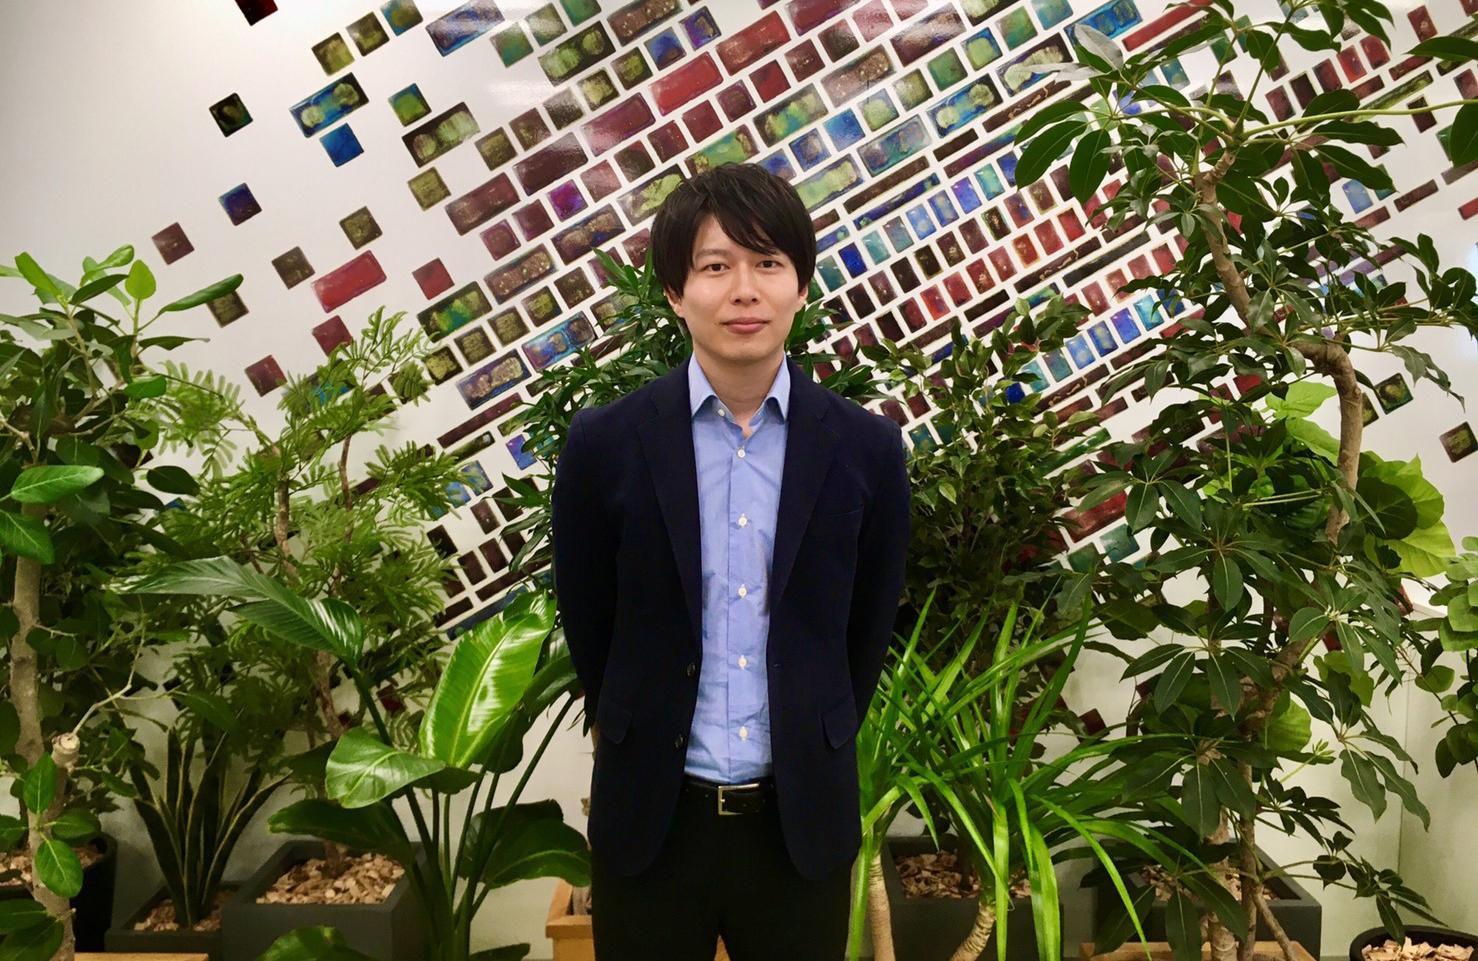 NTTコミュニケーションズ株式会社 アプリケーションサービス部 清水 大悟様